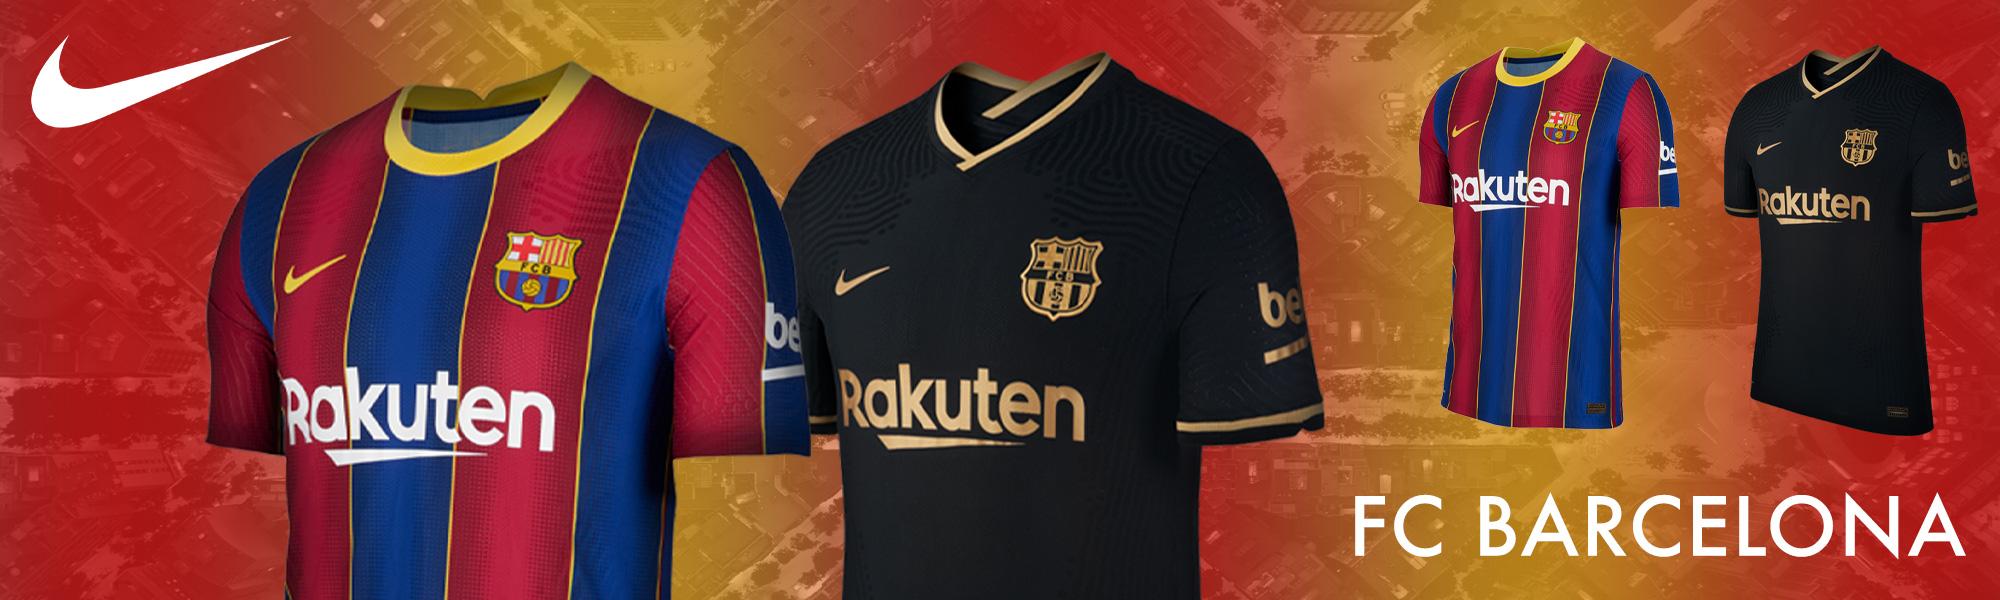 fc barcelona jersey barcelona shirt soccerpro com fc barcelona jersey barcelona shirt